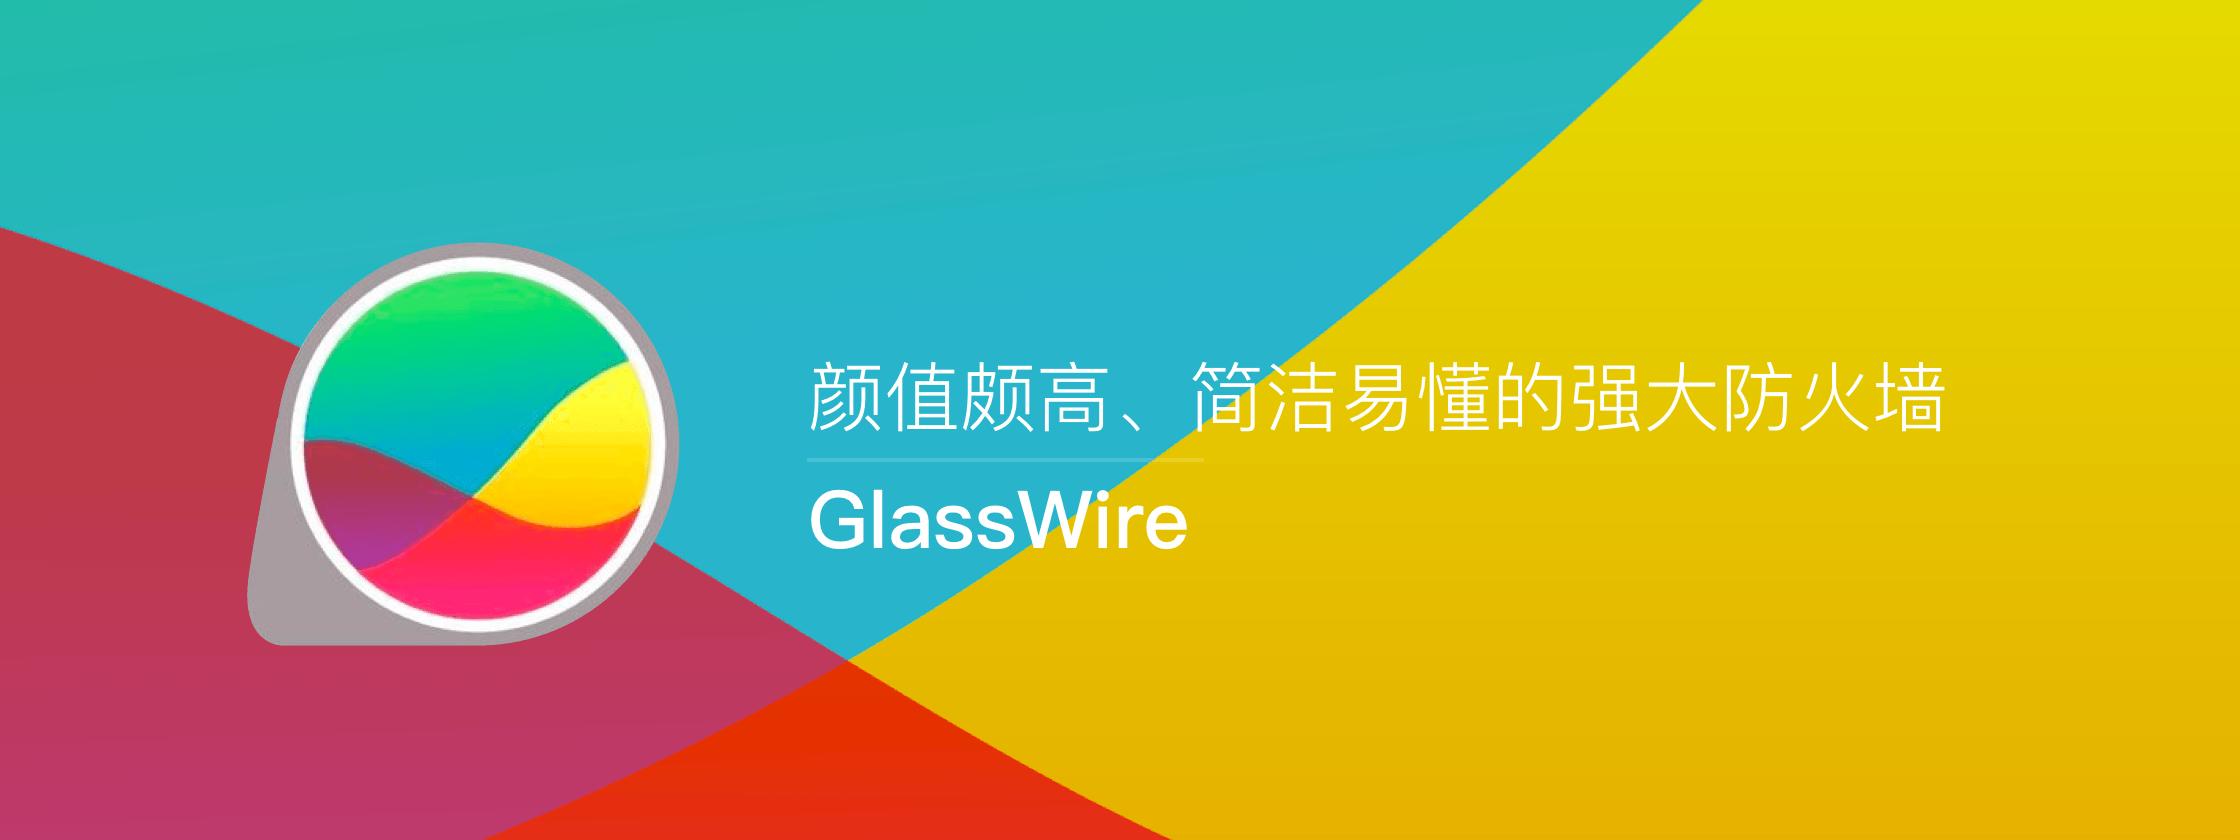 GlassWire – 颜值颇高、简洁易懂的强大防火墙